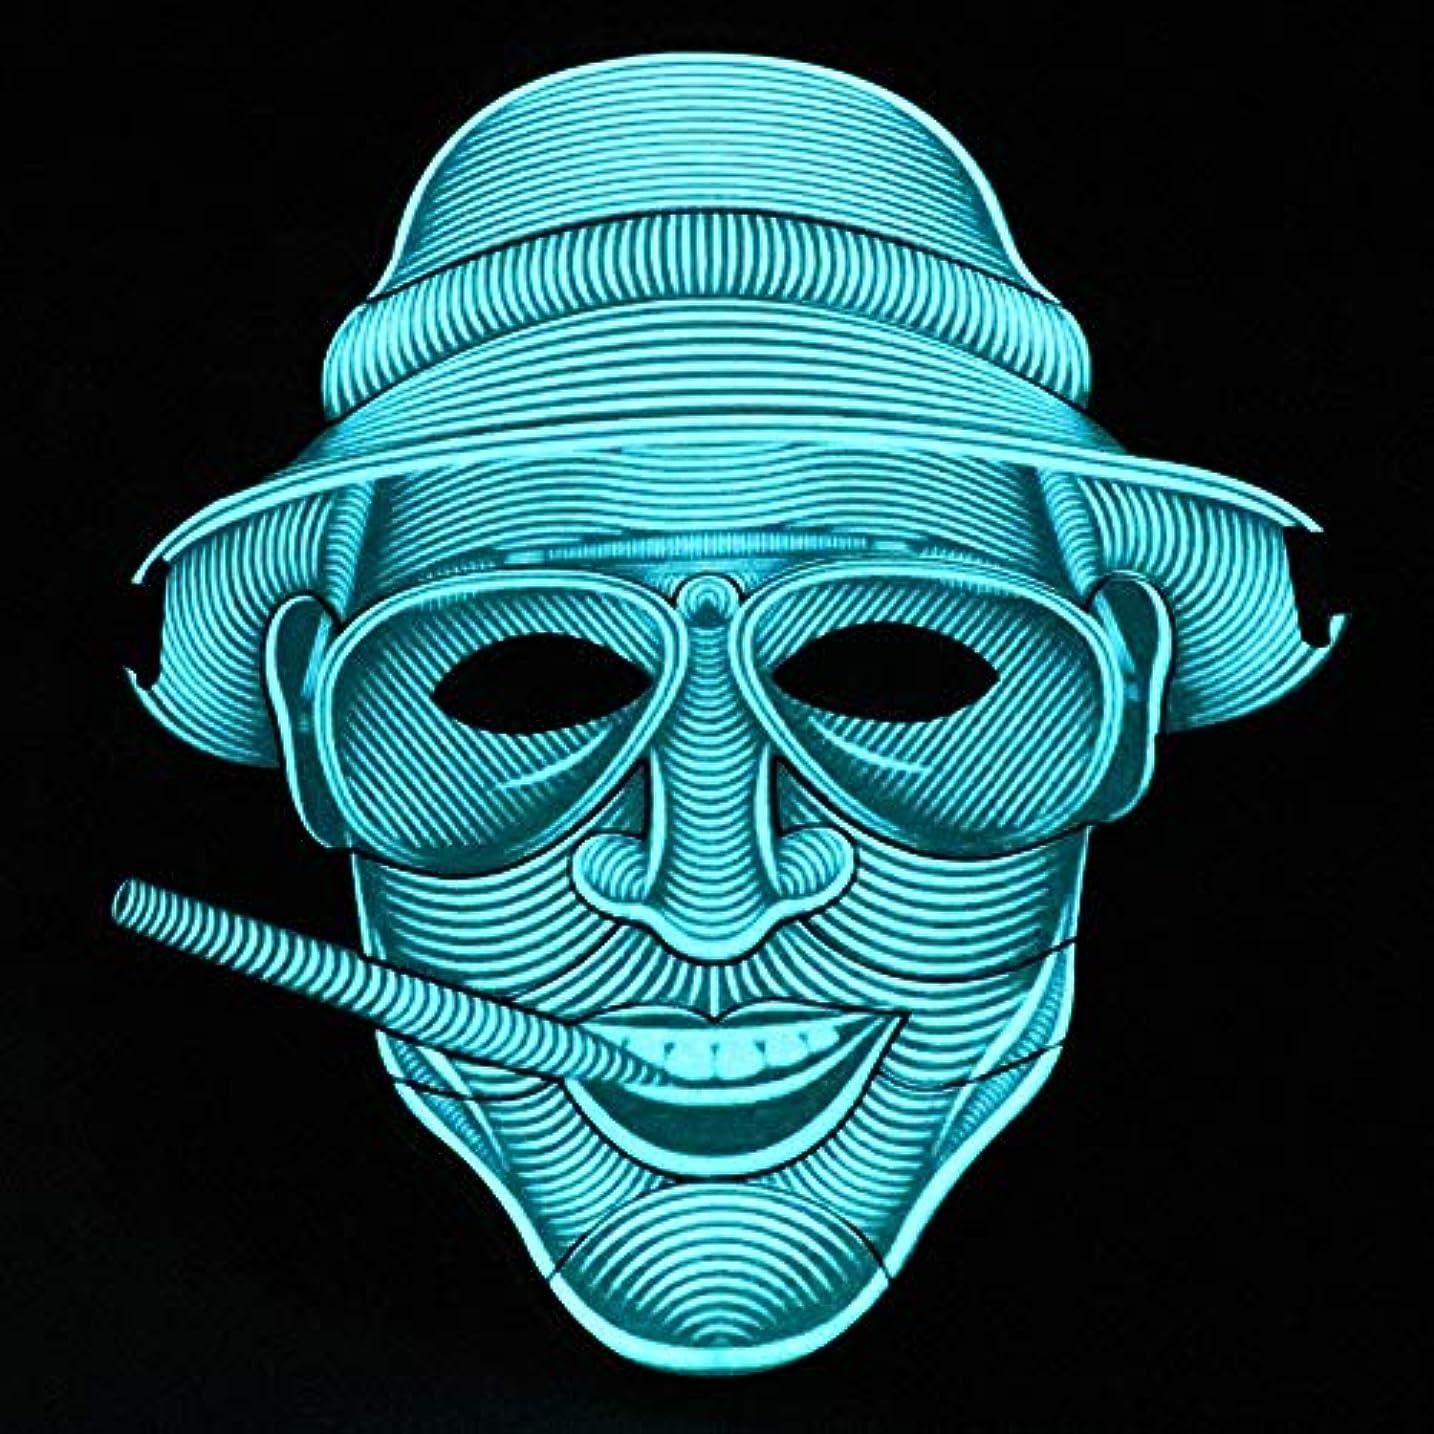 不運クルーズ避ける照らされたマスクLED創造的な冷光音響制御マスクハロウィンバーフェスティバルダンスマスク (Color : #8)